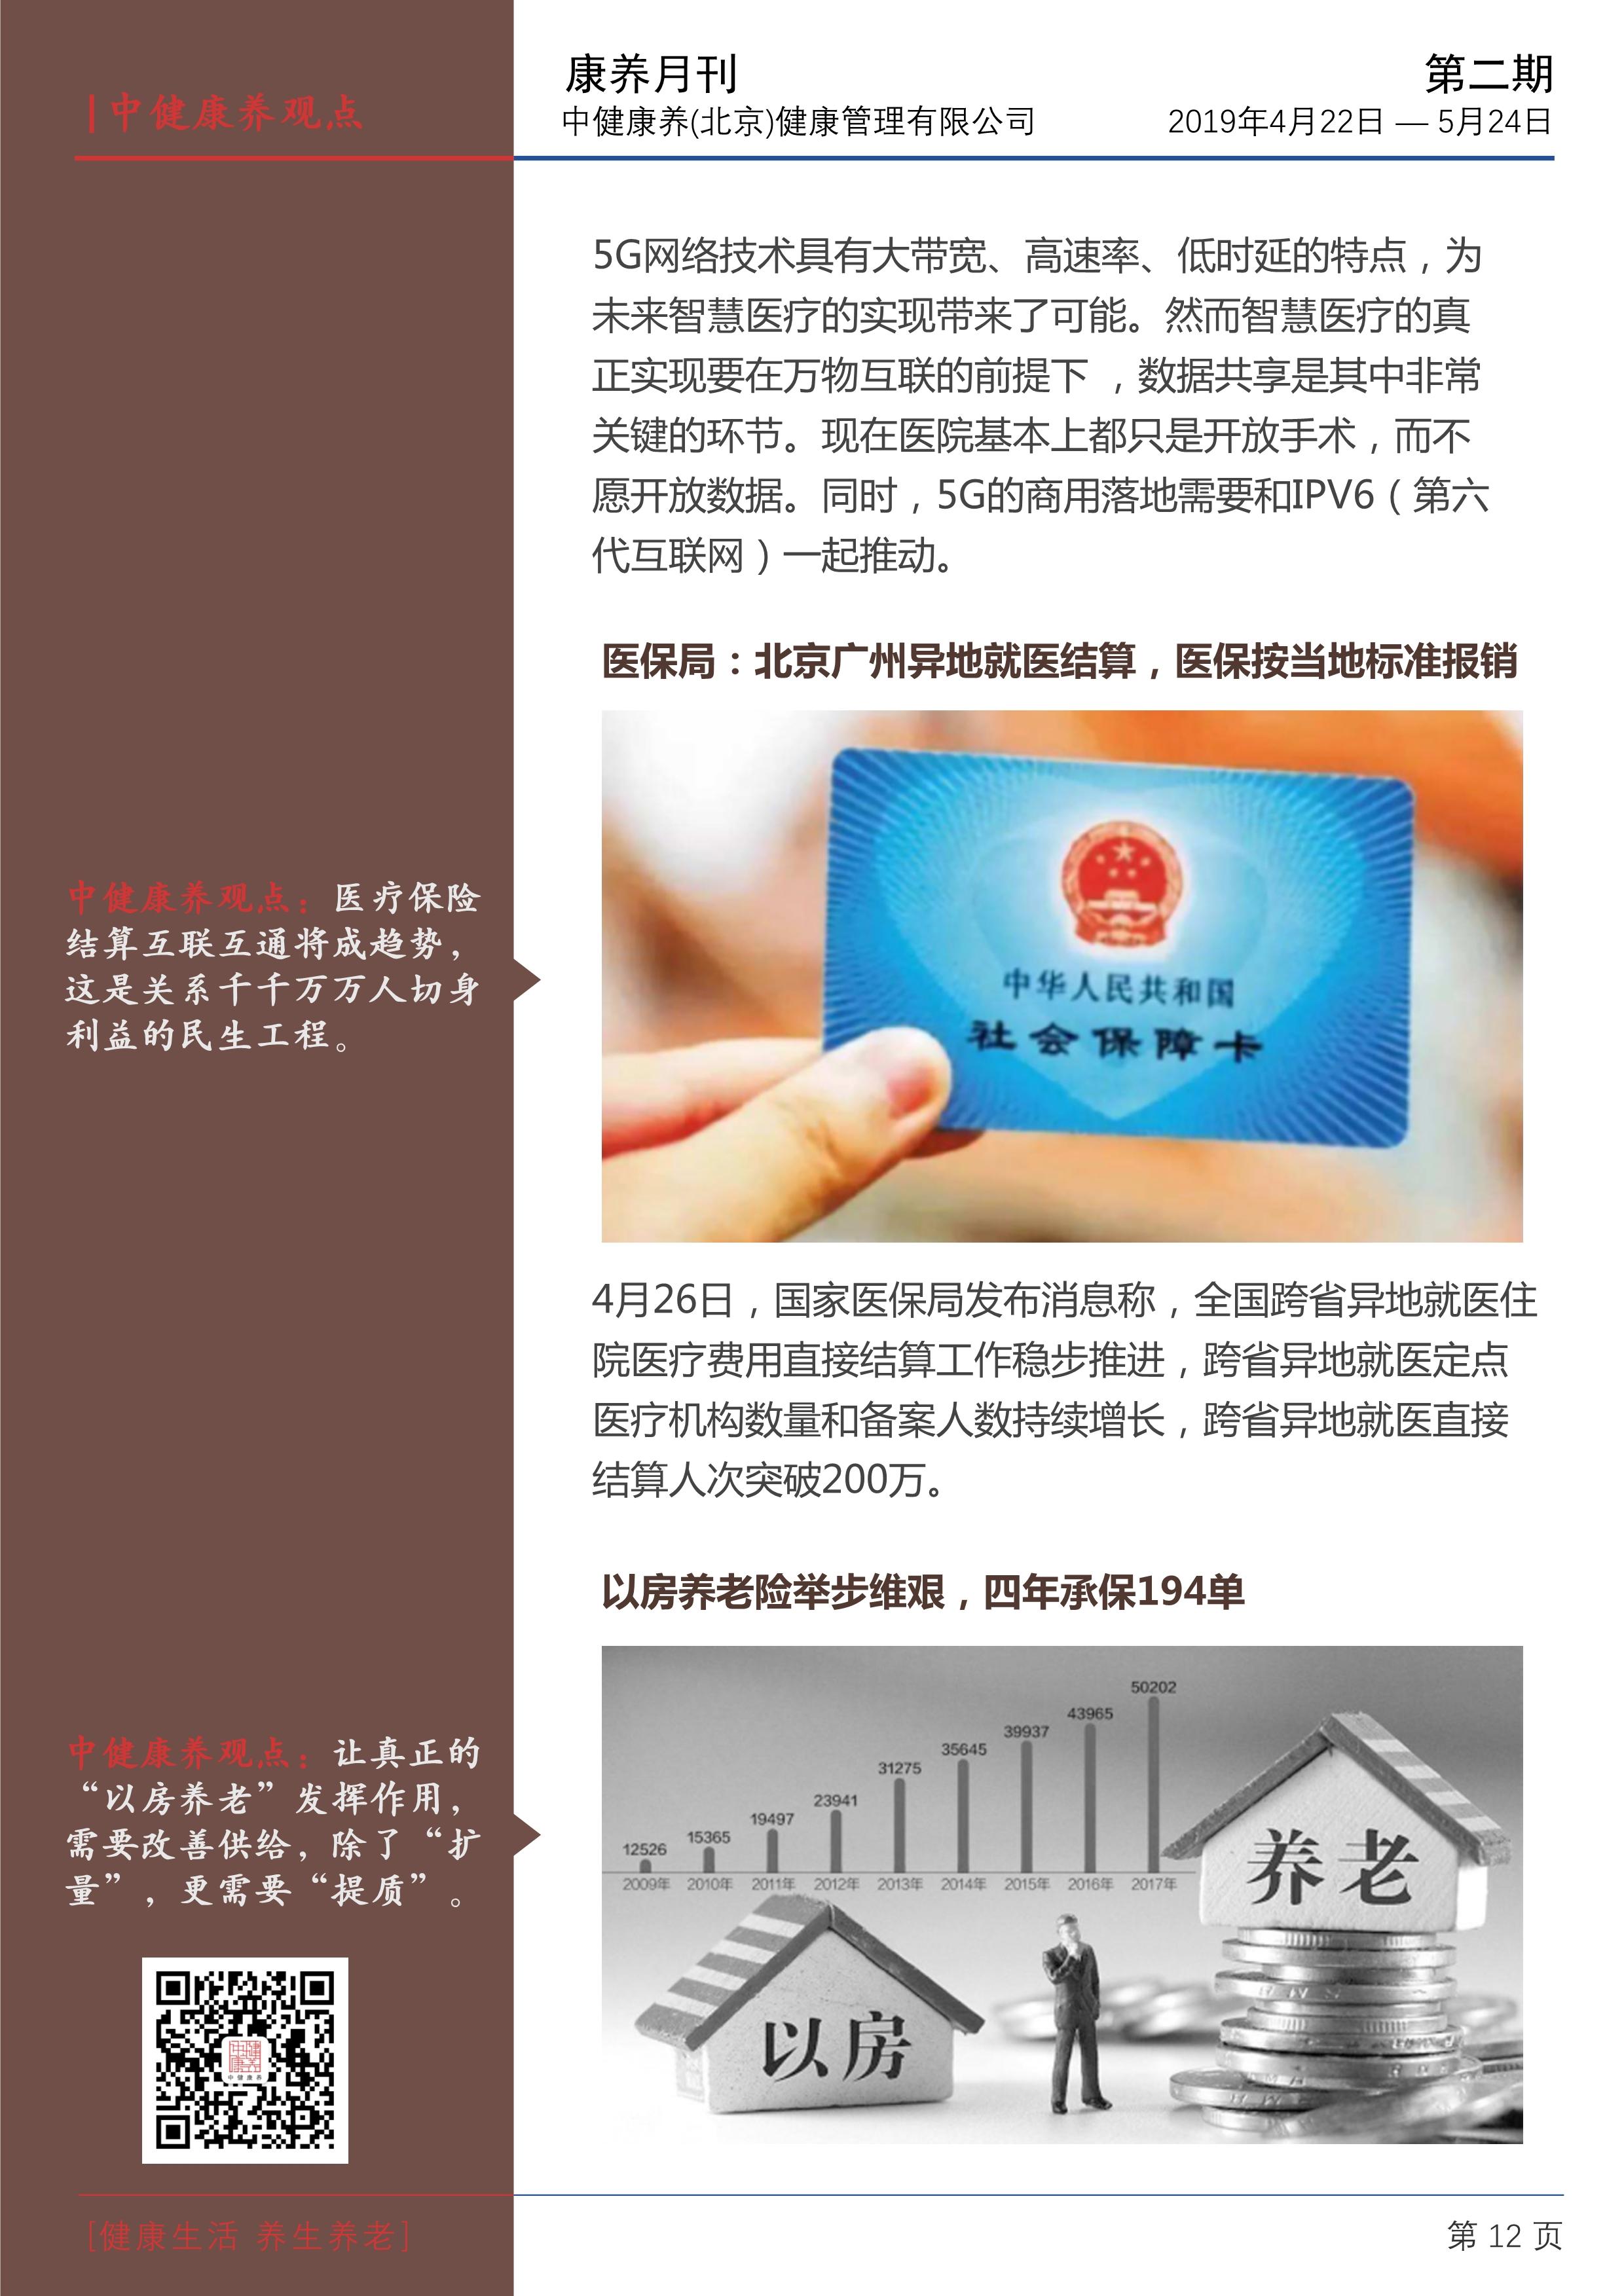 康養月刊-第二期6.3v.2_IMG-康養月刊-第二期6.3v.2_12